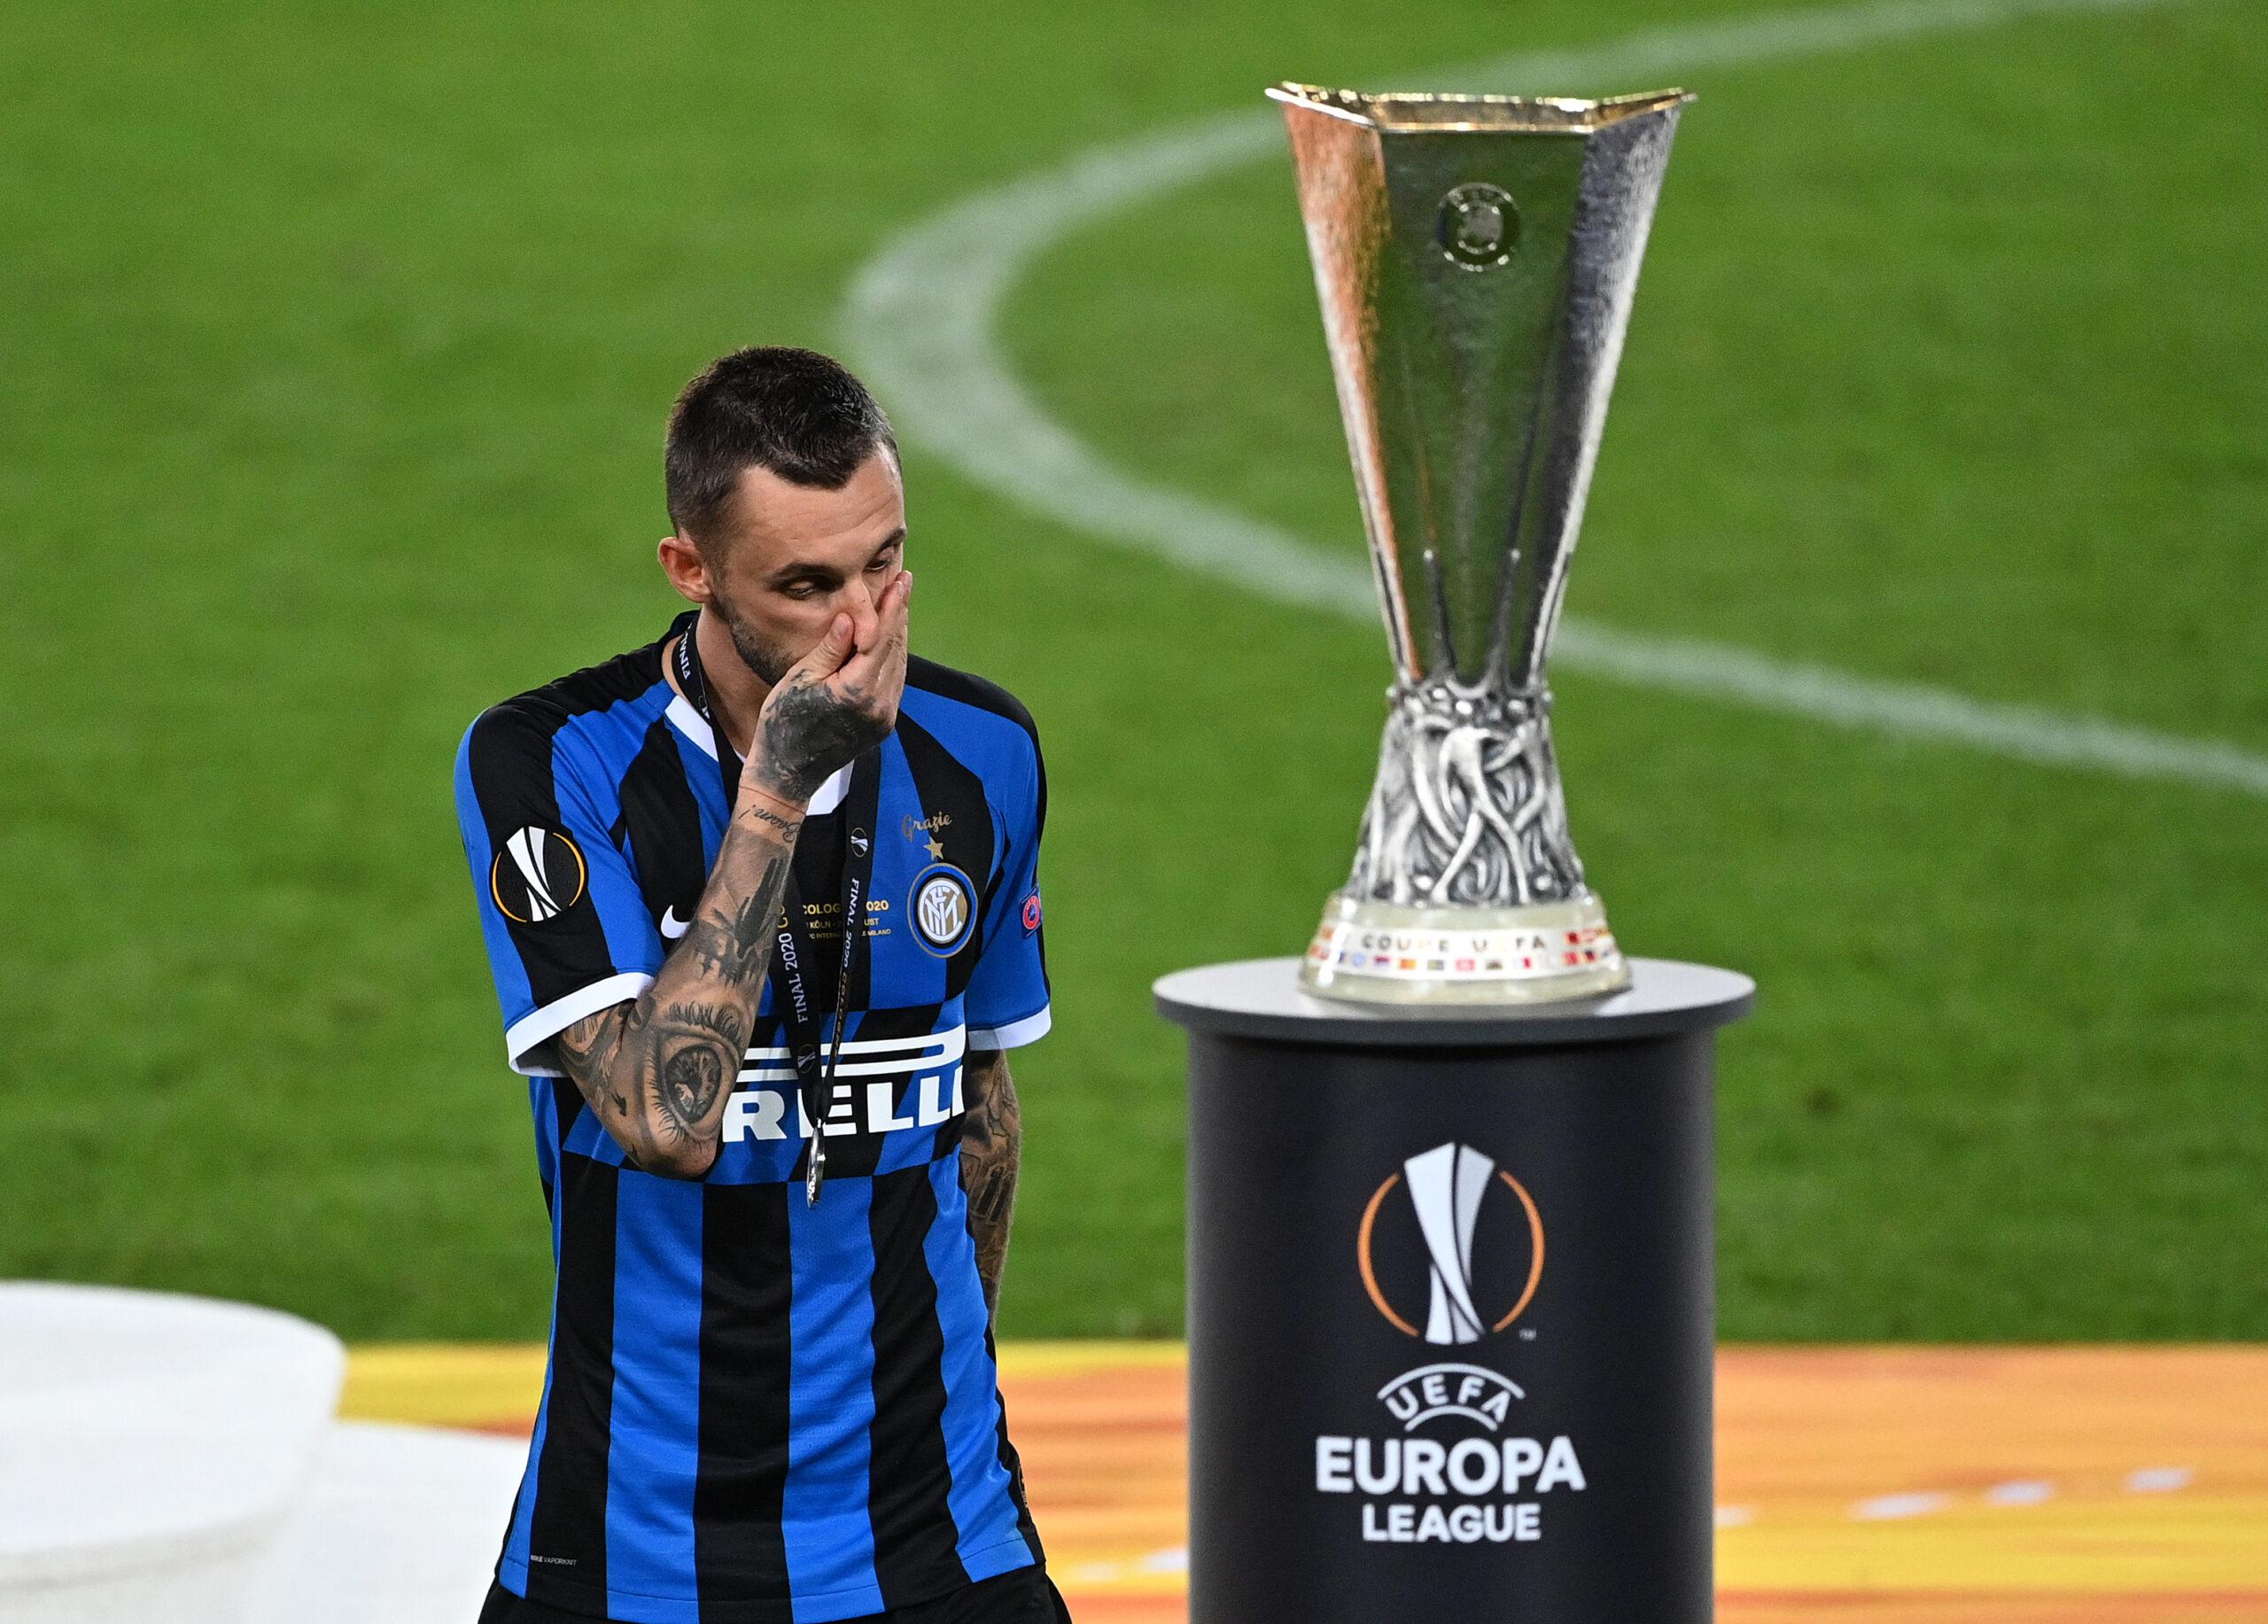 Fichajes: Cambio de cromos entre Inter y Atlético para enero según MD